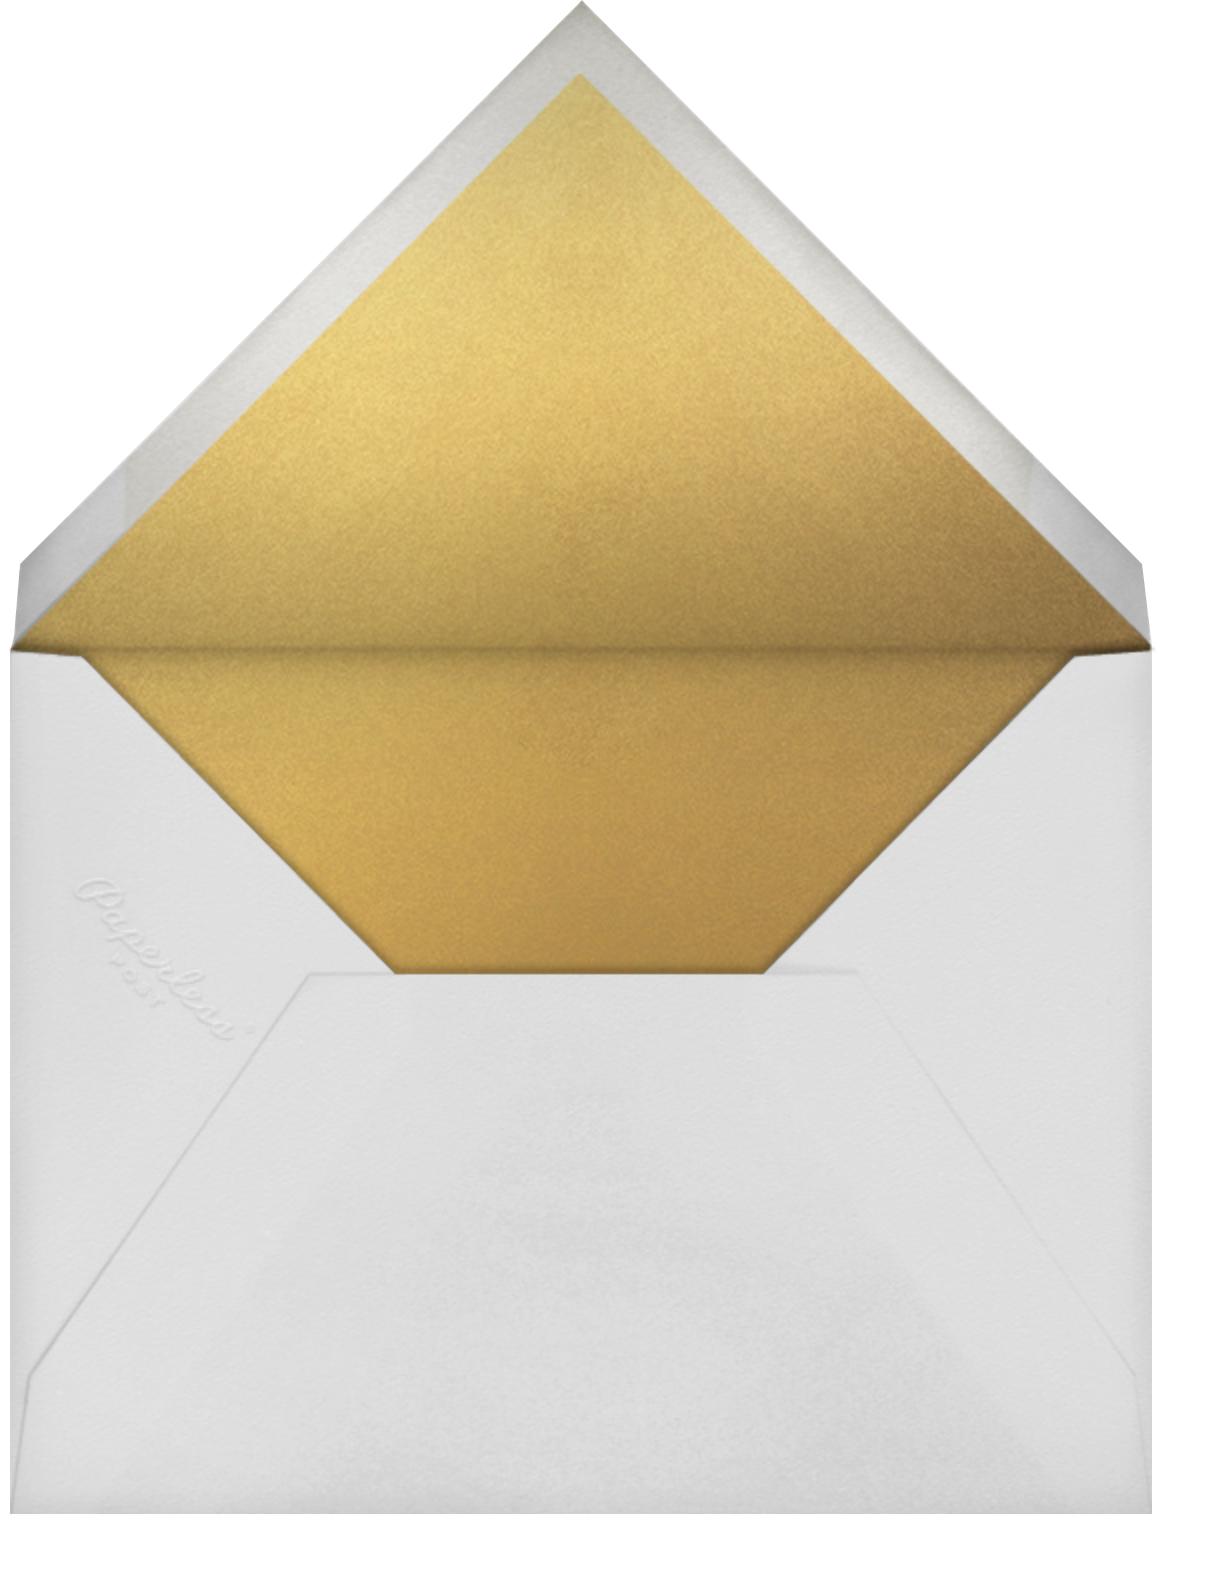 Danaë (Invitation) - Paperless Post - All - envelope back